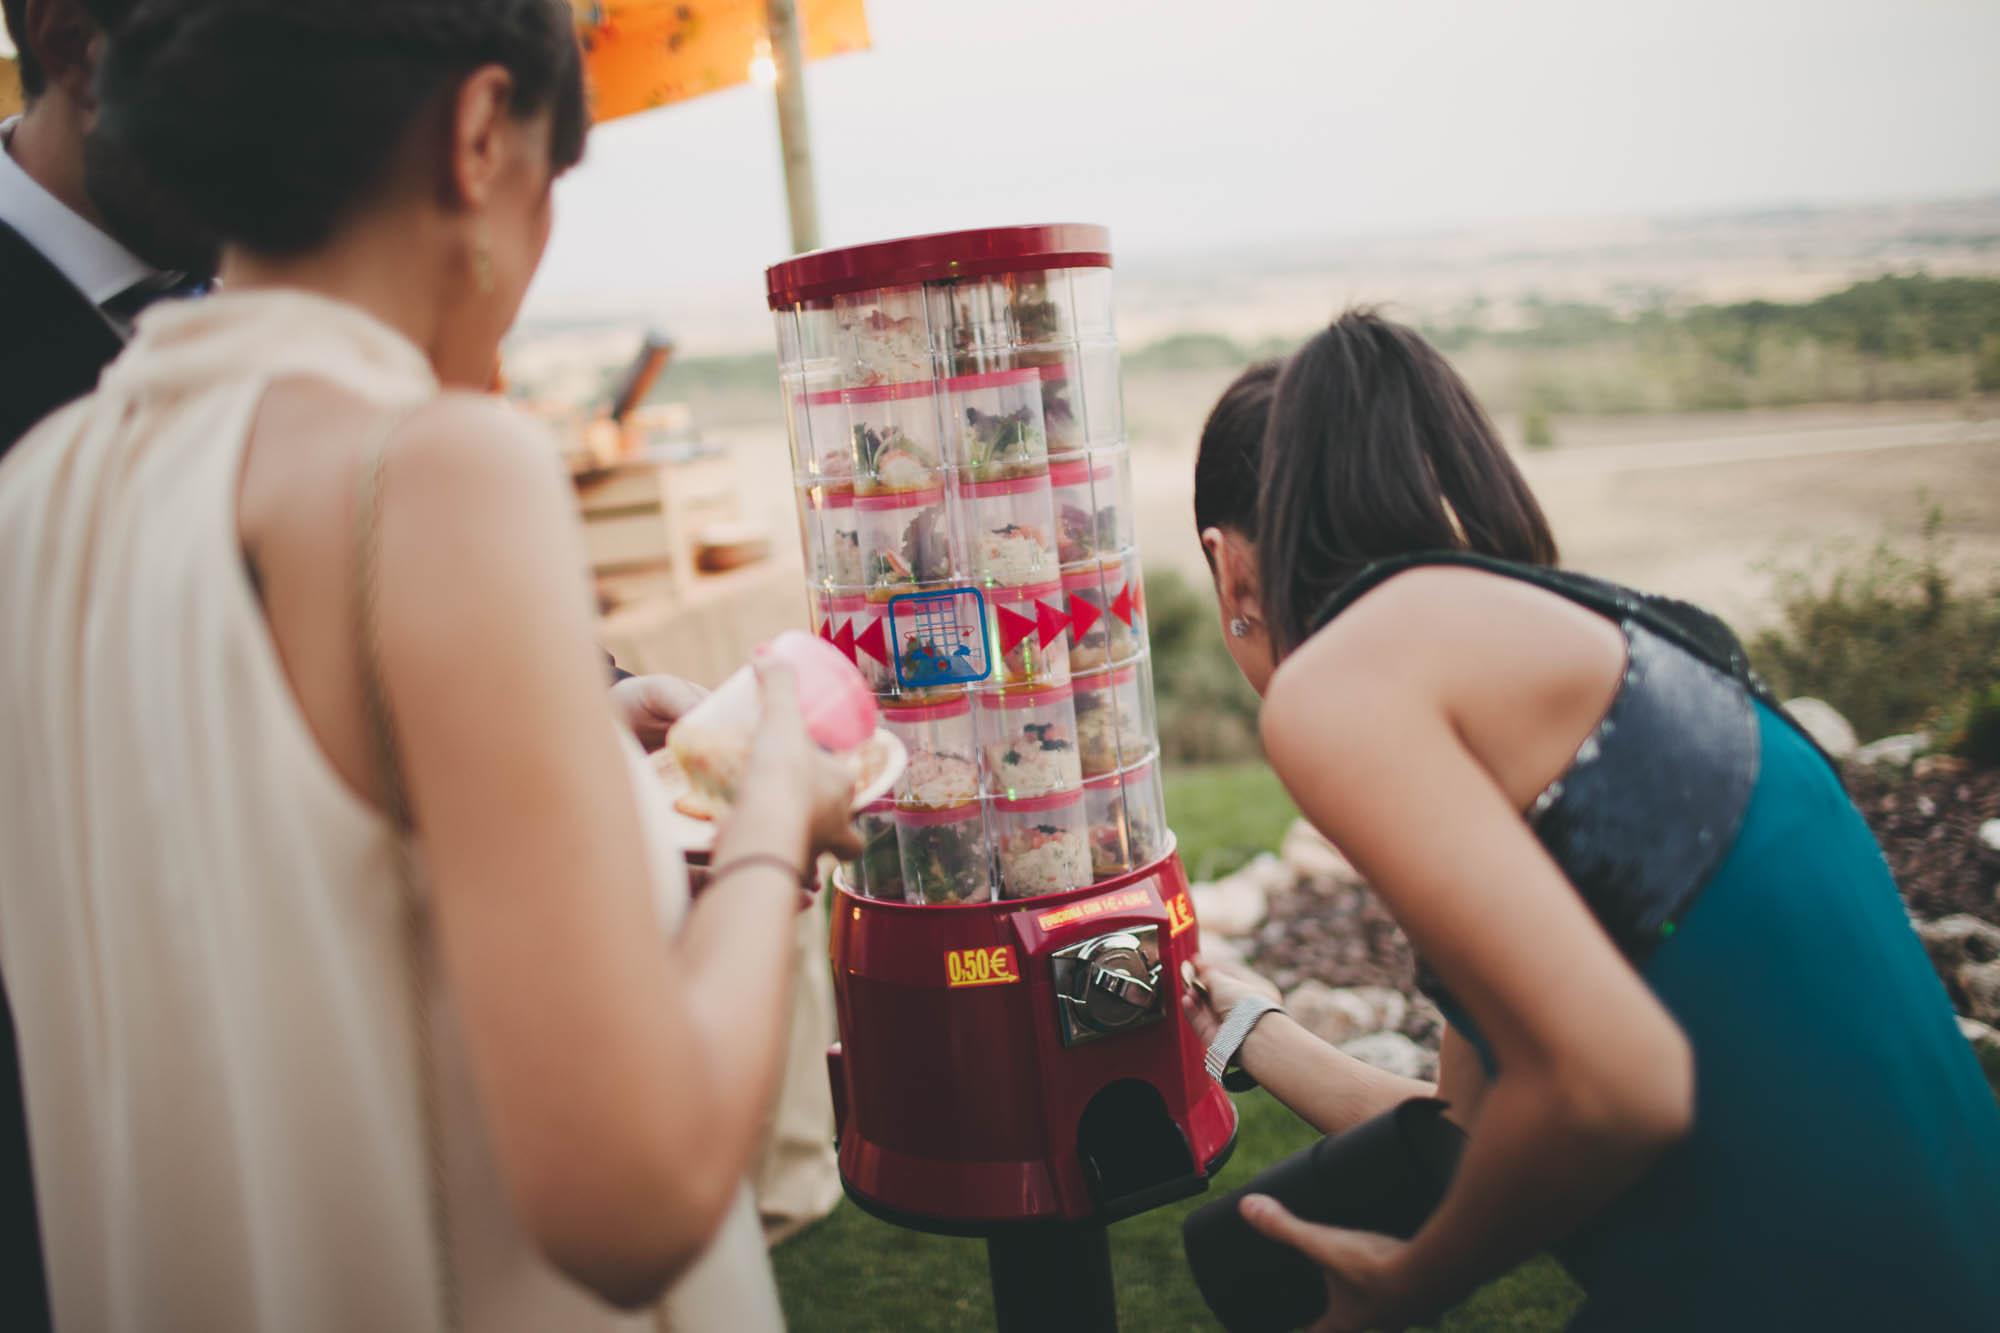 Las invitadas juegan con la máquina de golosinas